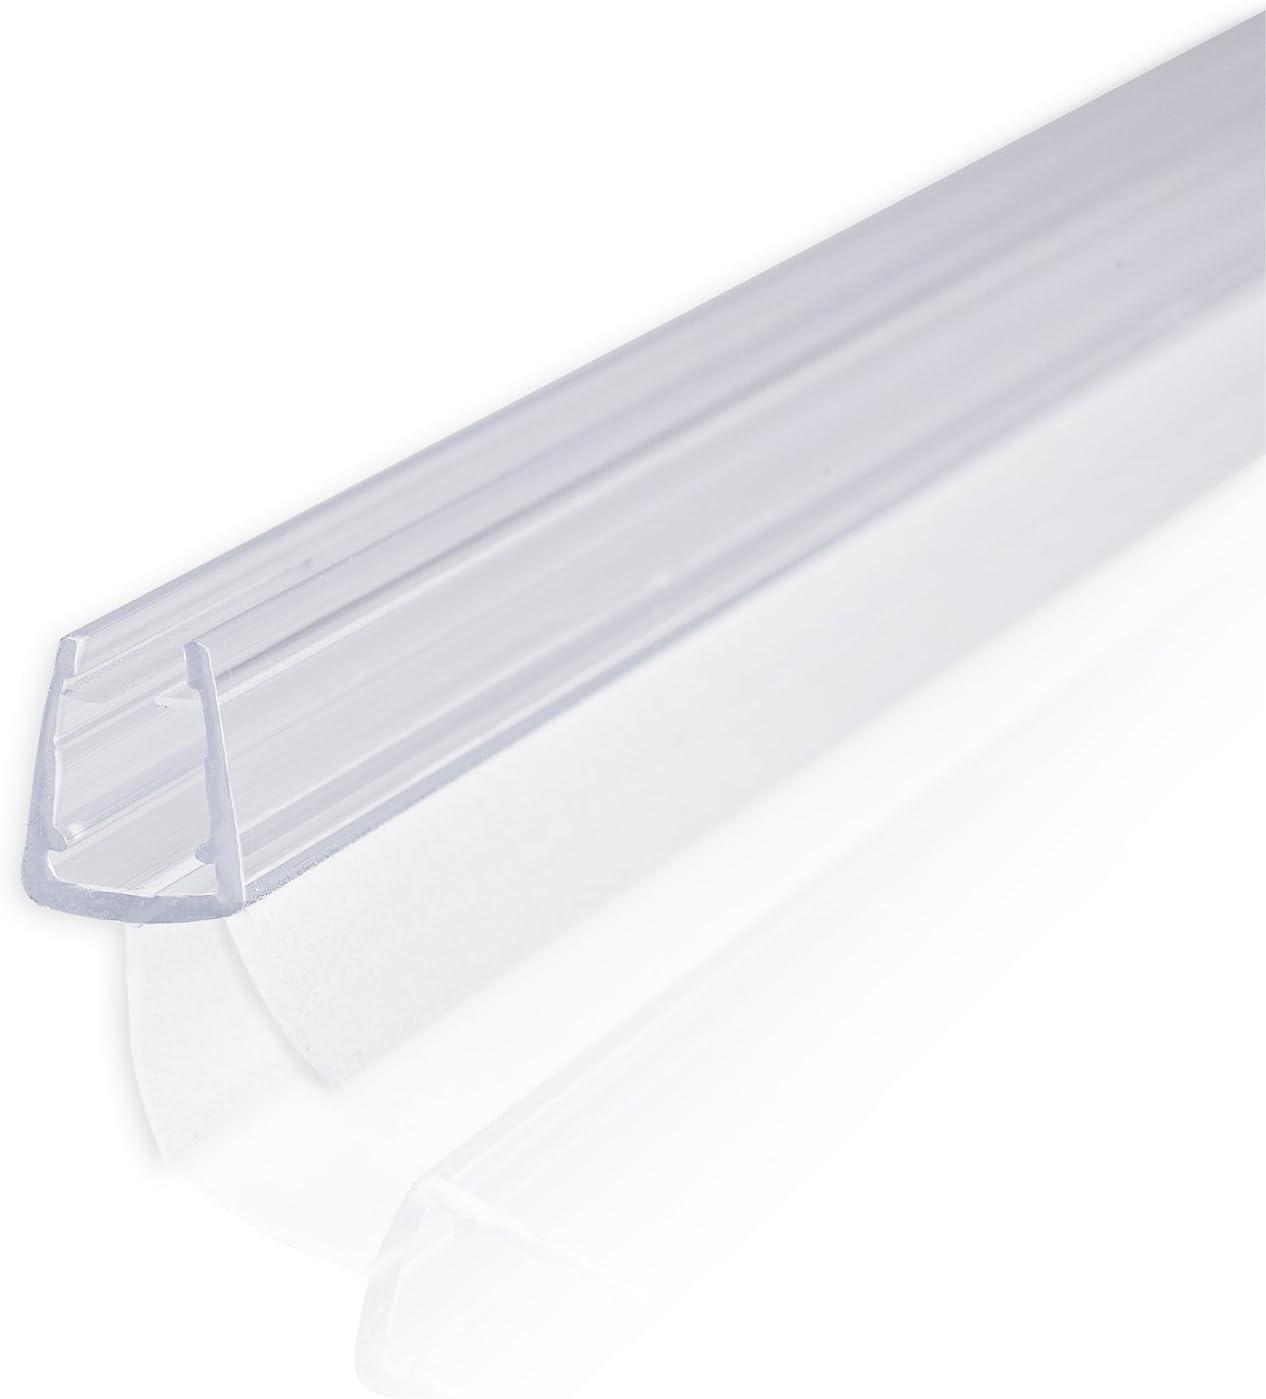 Sealis Junta para ducha de recambio de 80 cm - Junta impermeable ...